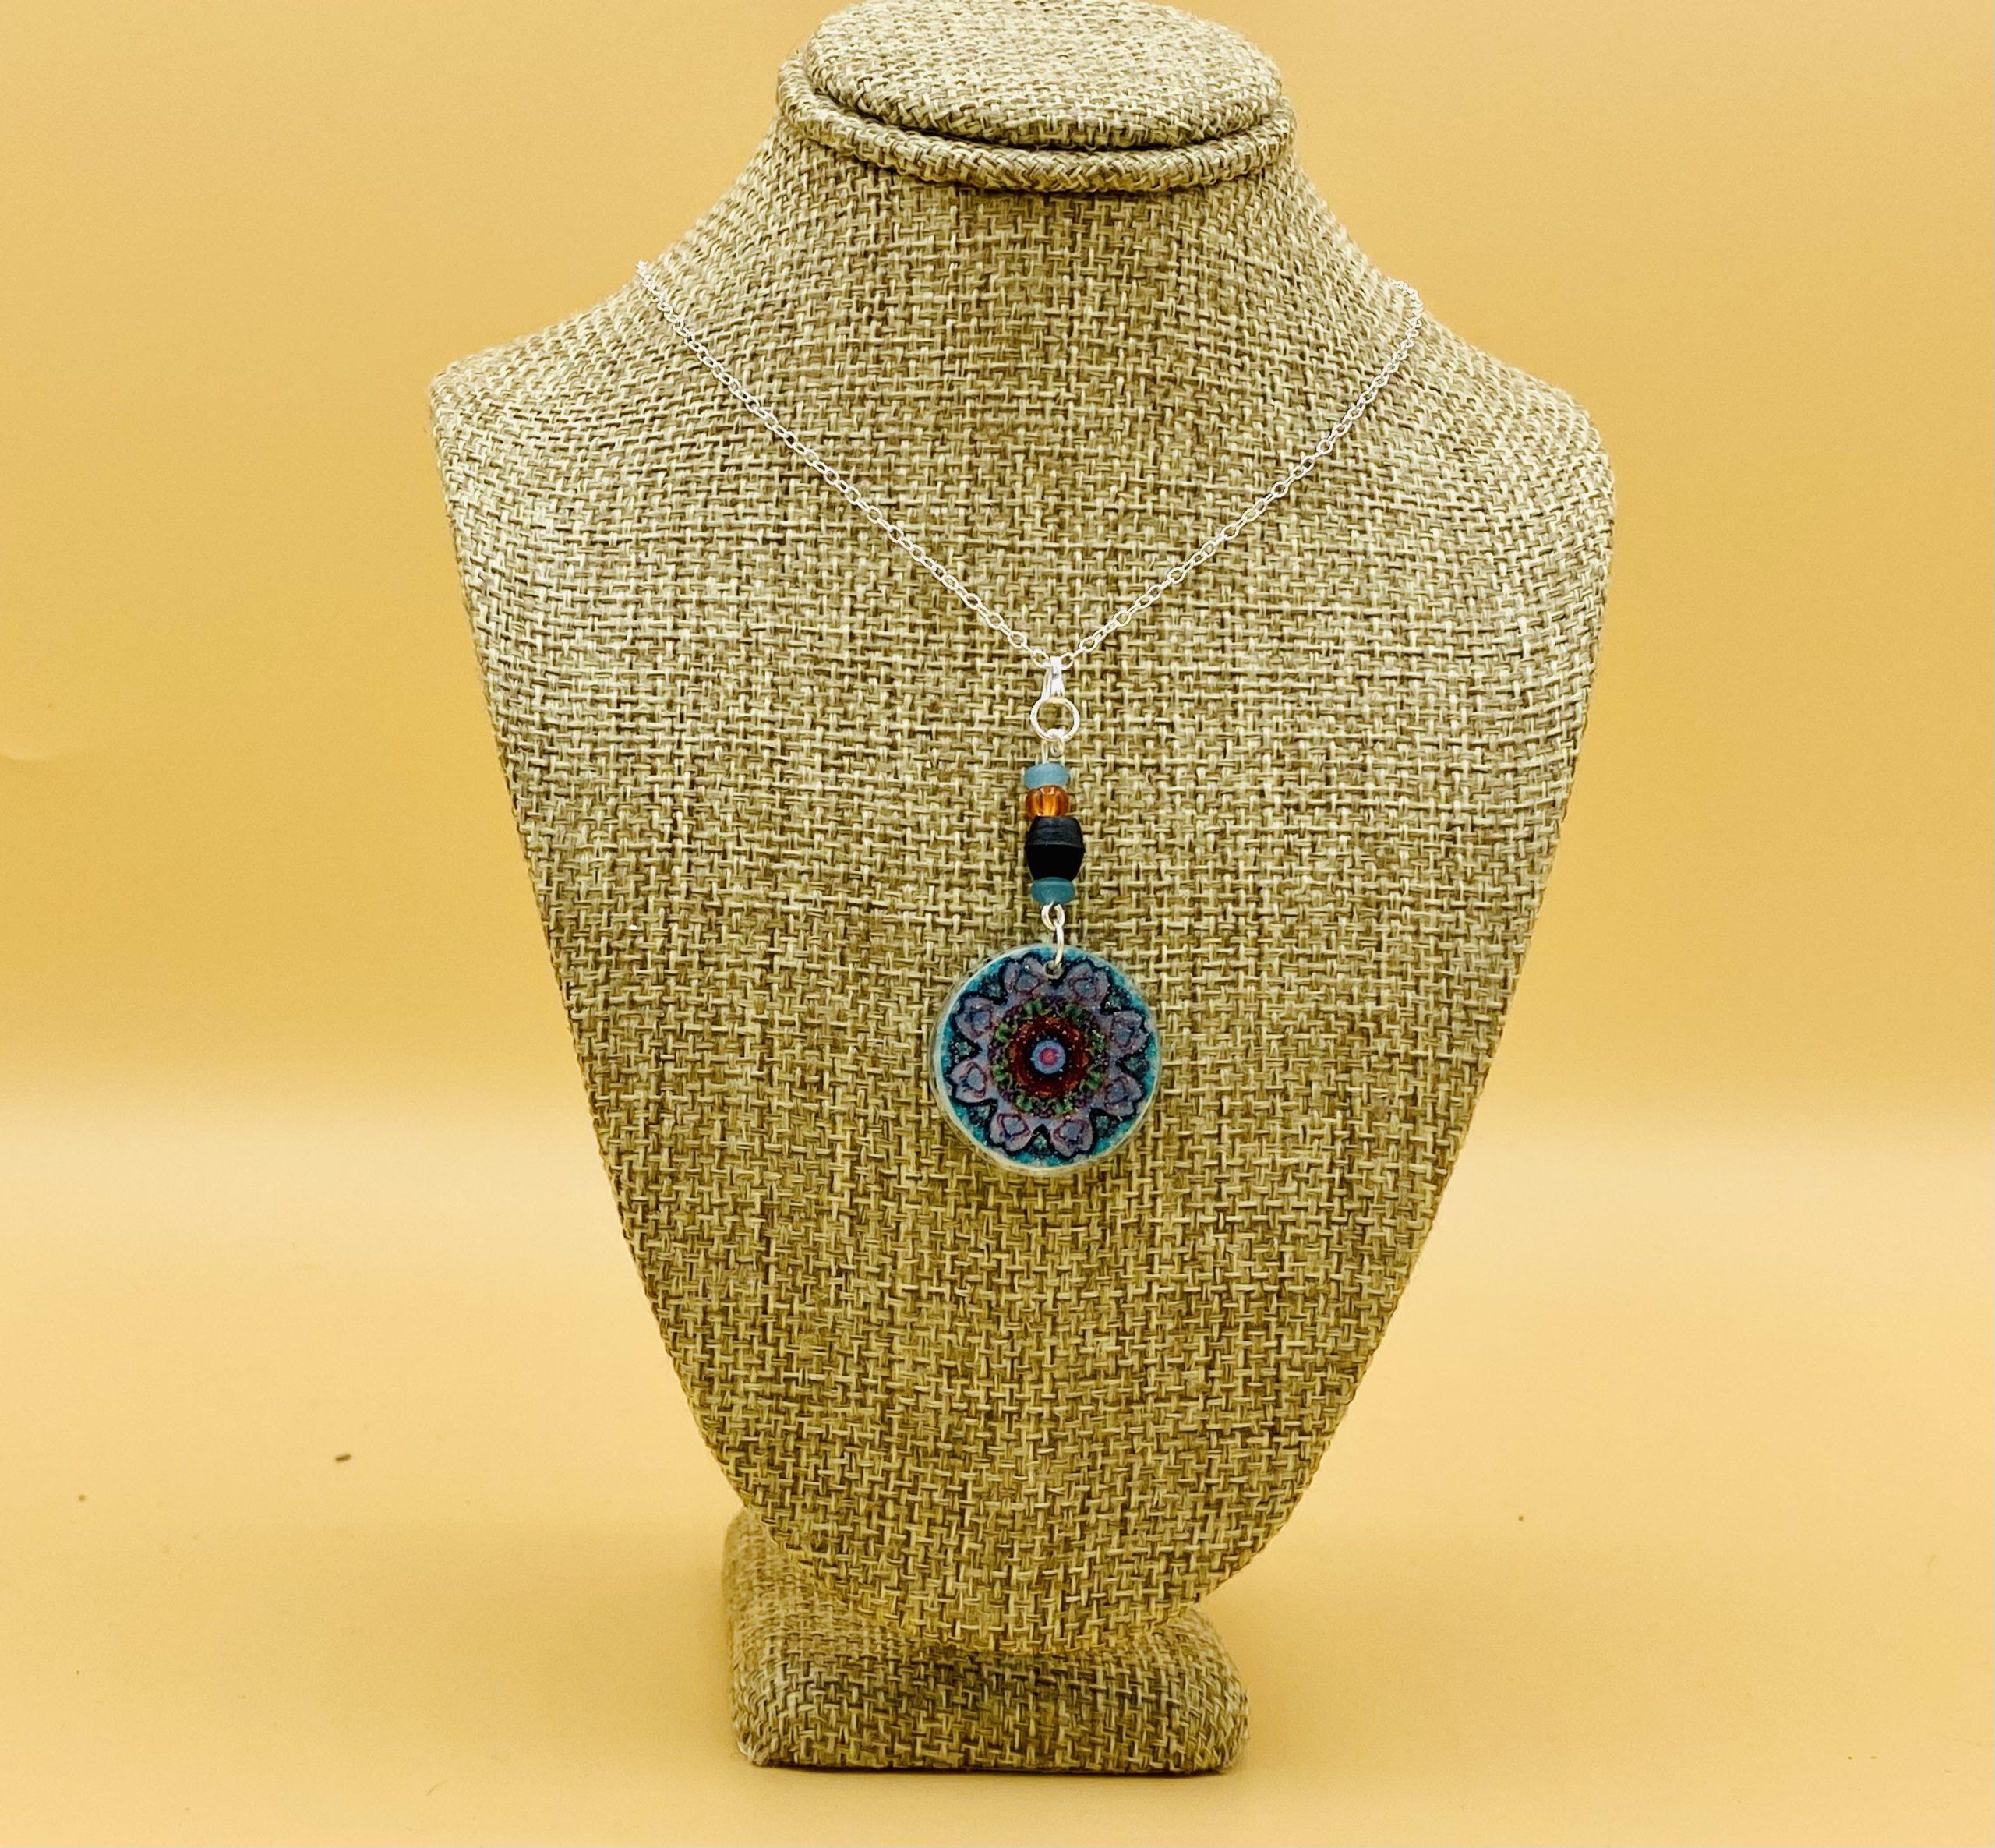 Manifest Mandala Necklace